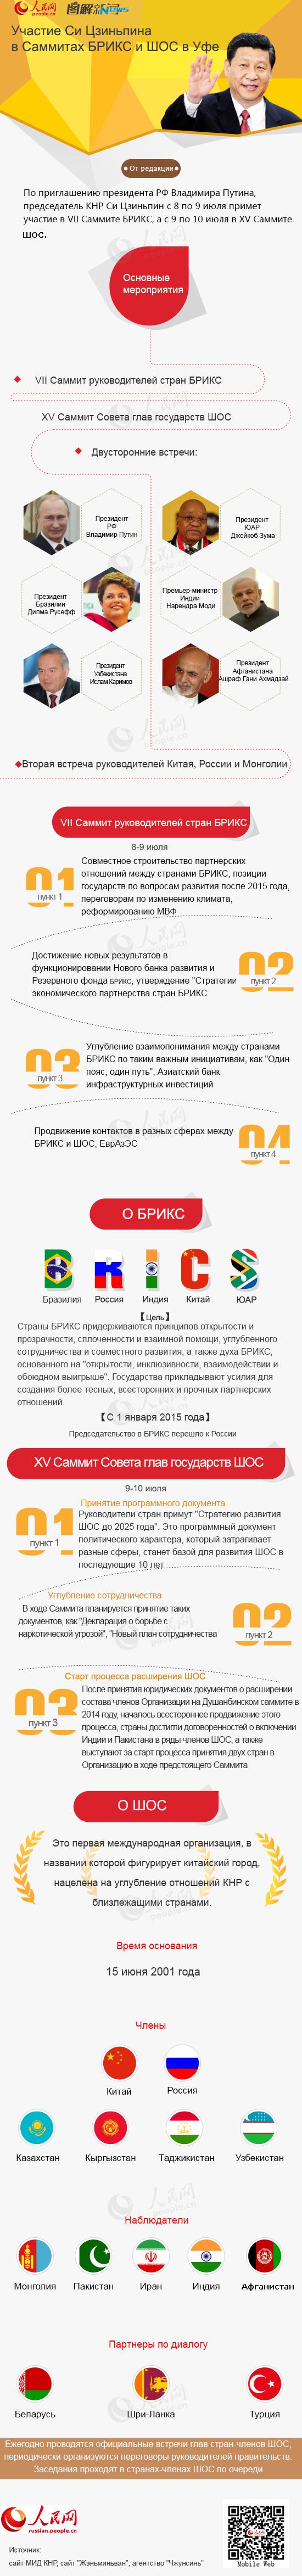 Инфографика: Участие Си Цзиньпина в Саммитах БРИКС и ШОС в Уфе